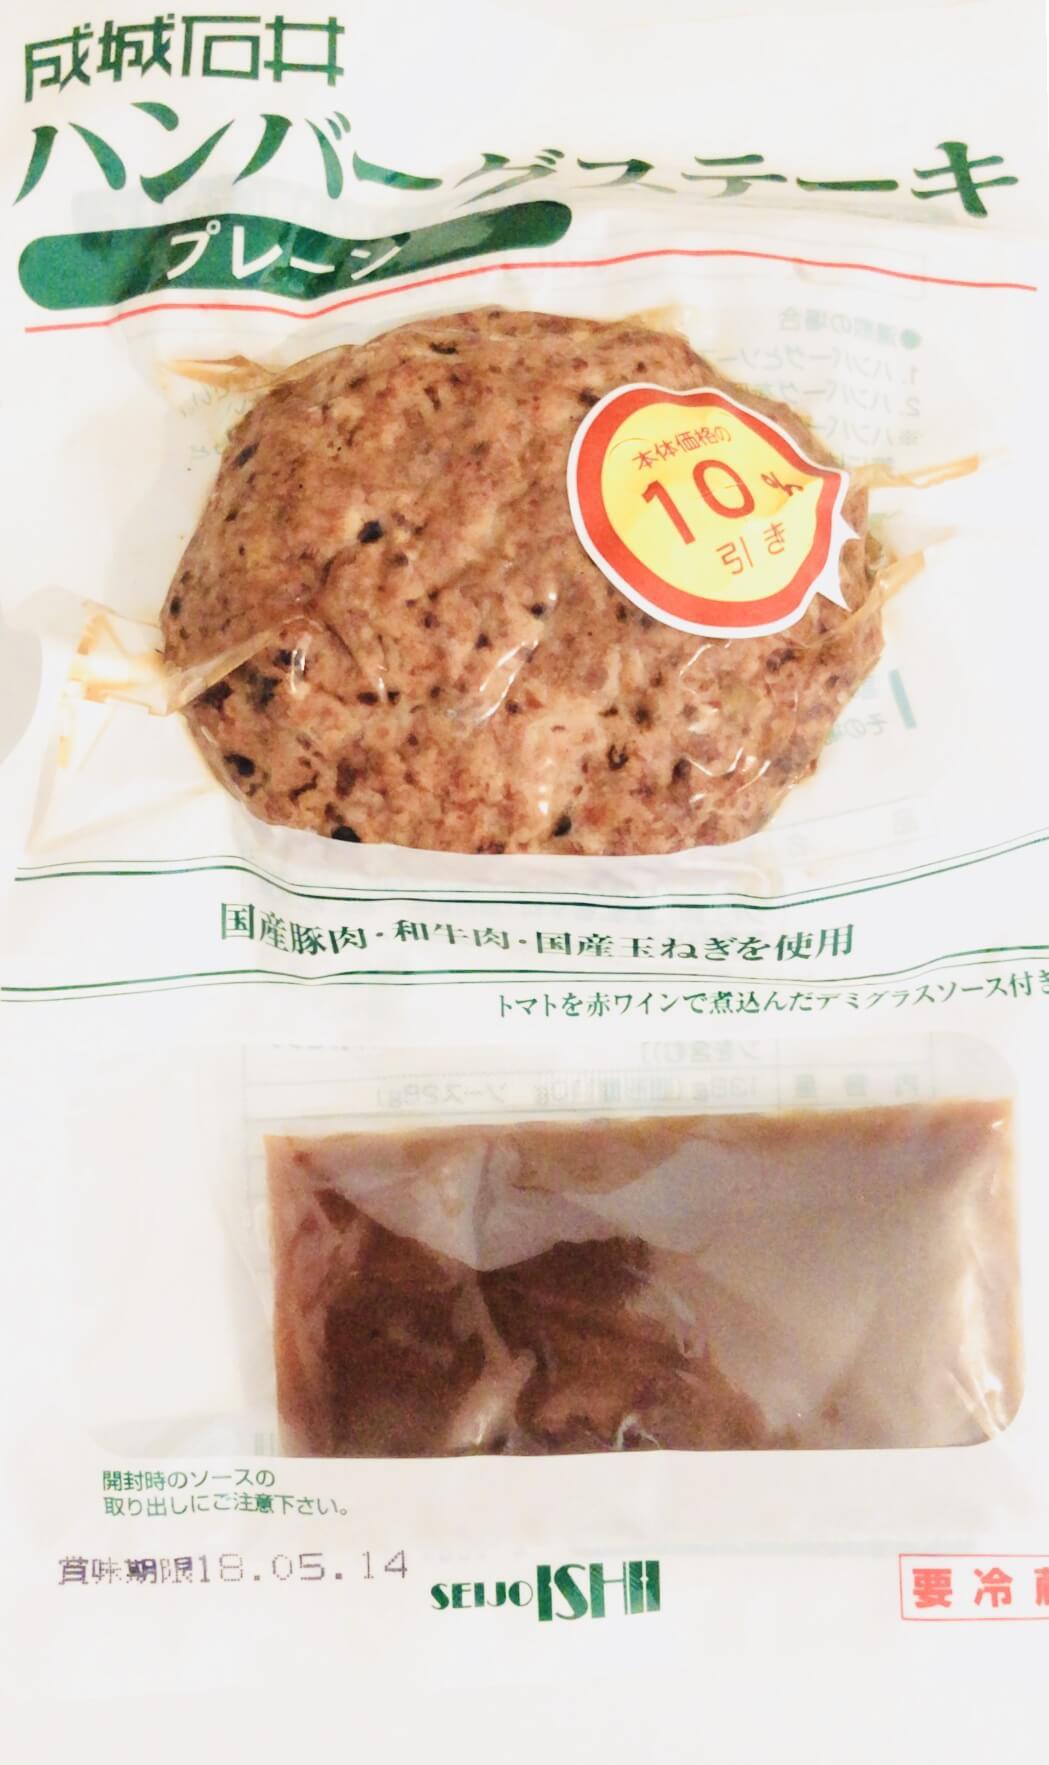 成城石井ハンバーグステーキ